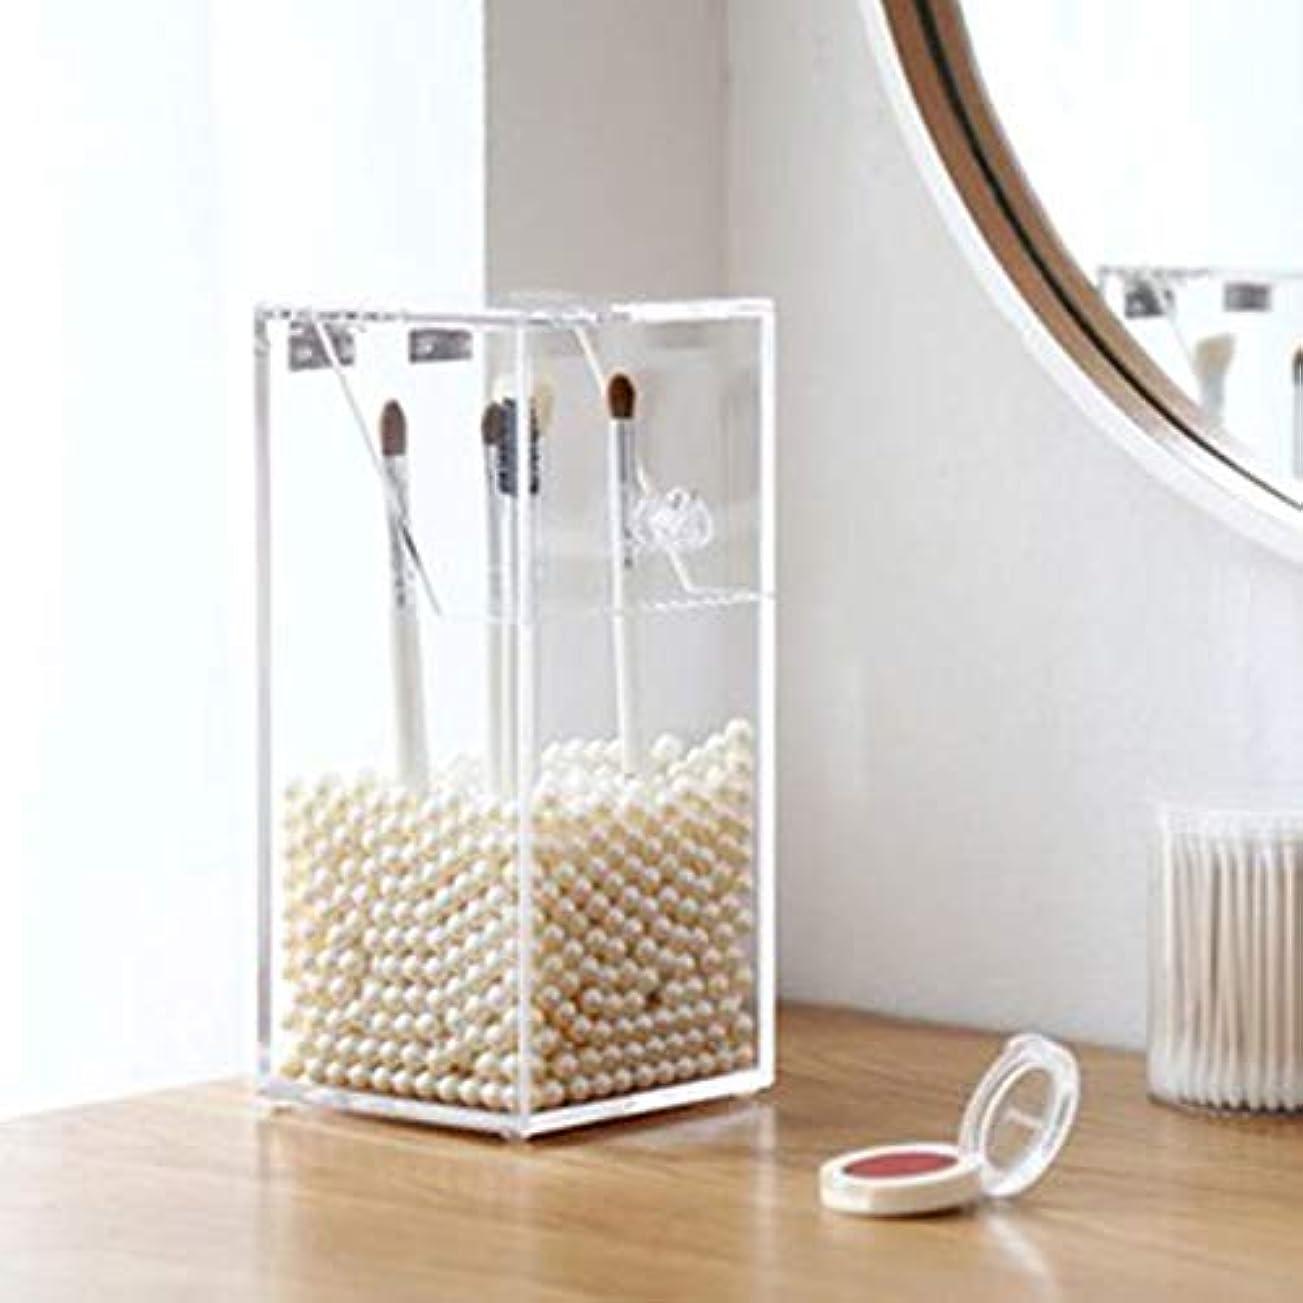 価格スーダン成り立つFantasyRe 高級感 アクリルケース ふた付き 化粧収納ボックス メイクケース コスメ収納ボックス スタンド 引き出し小物/化粧品入れ アクリル製 透明 大容量 ジュエリーボックス